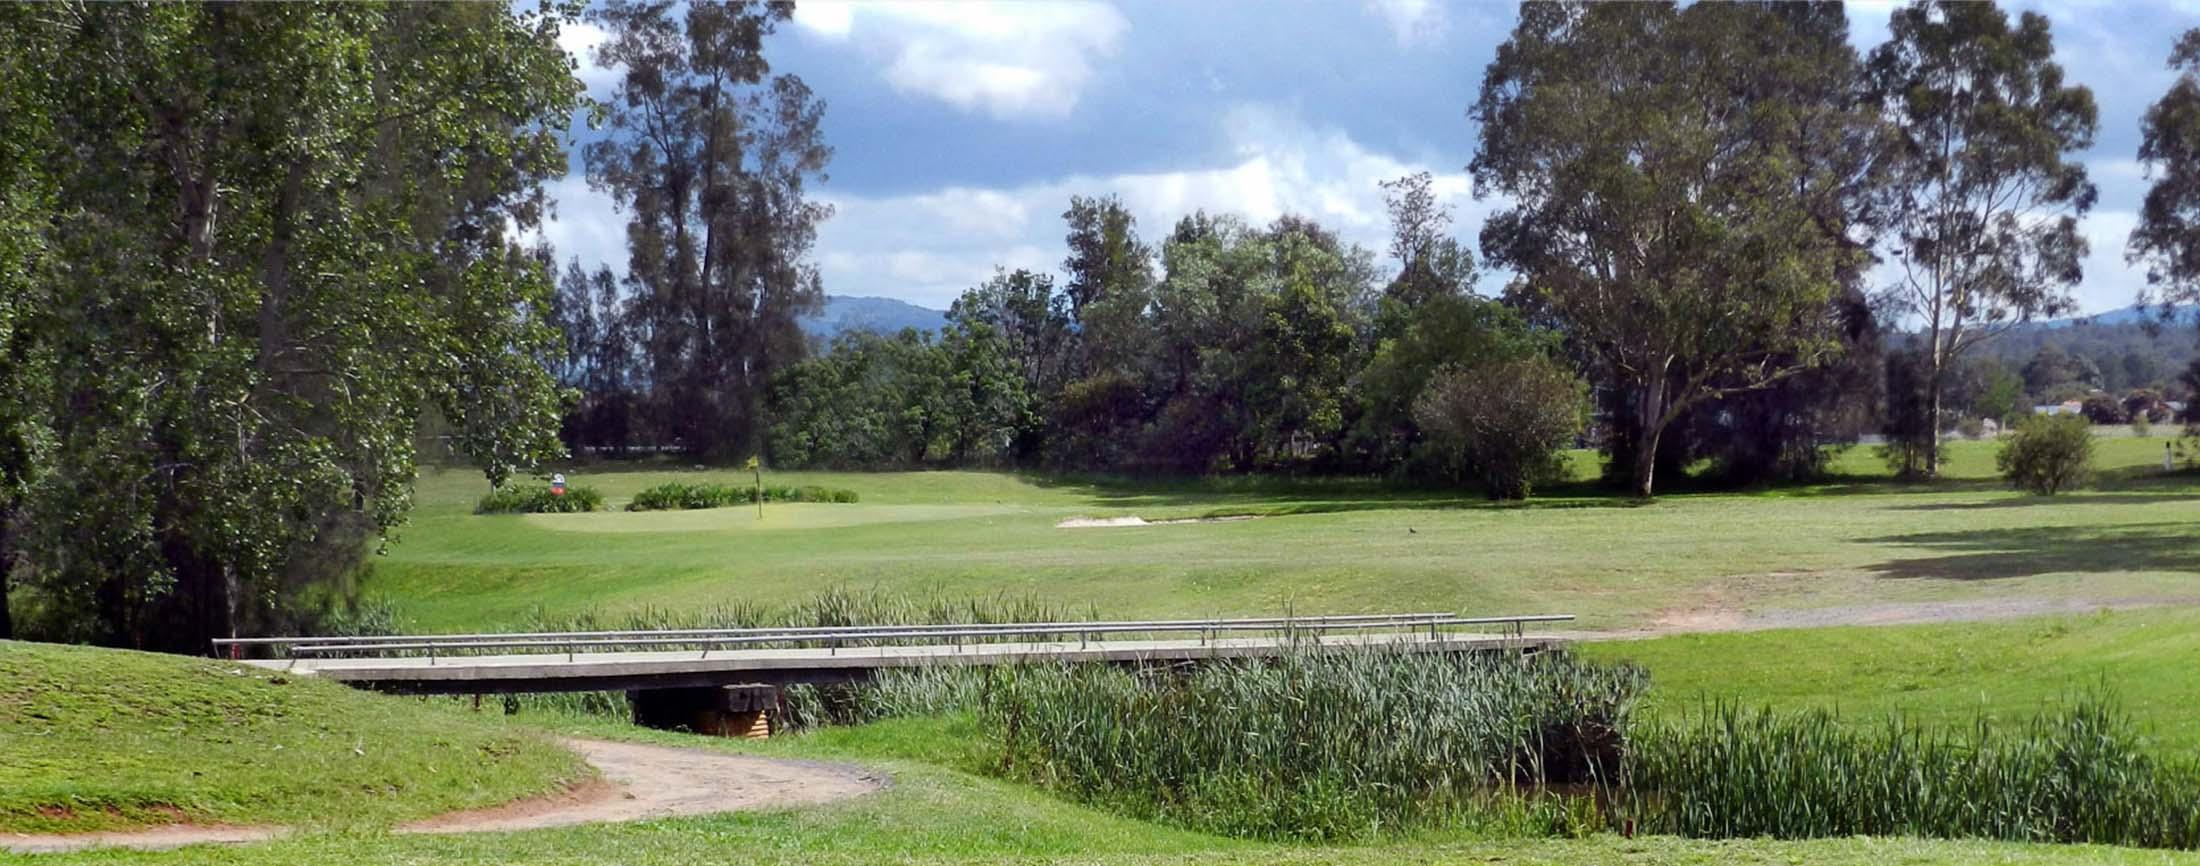 A view of Branxton Golf Course